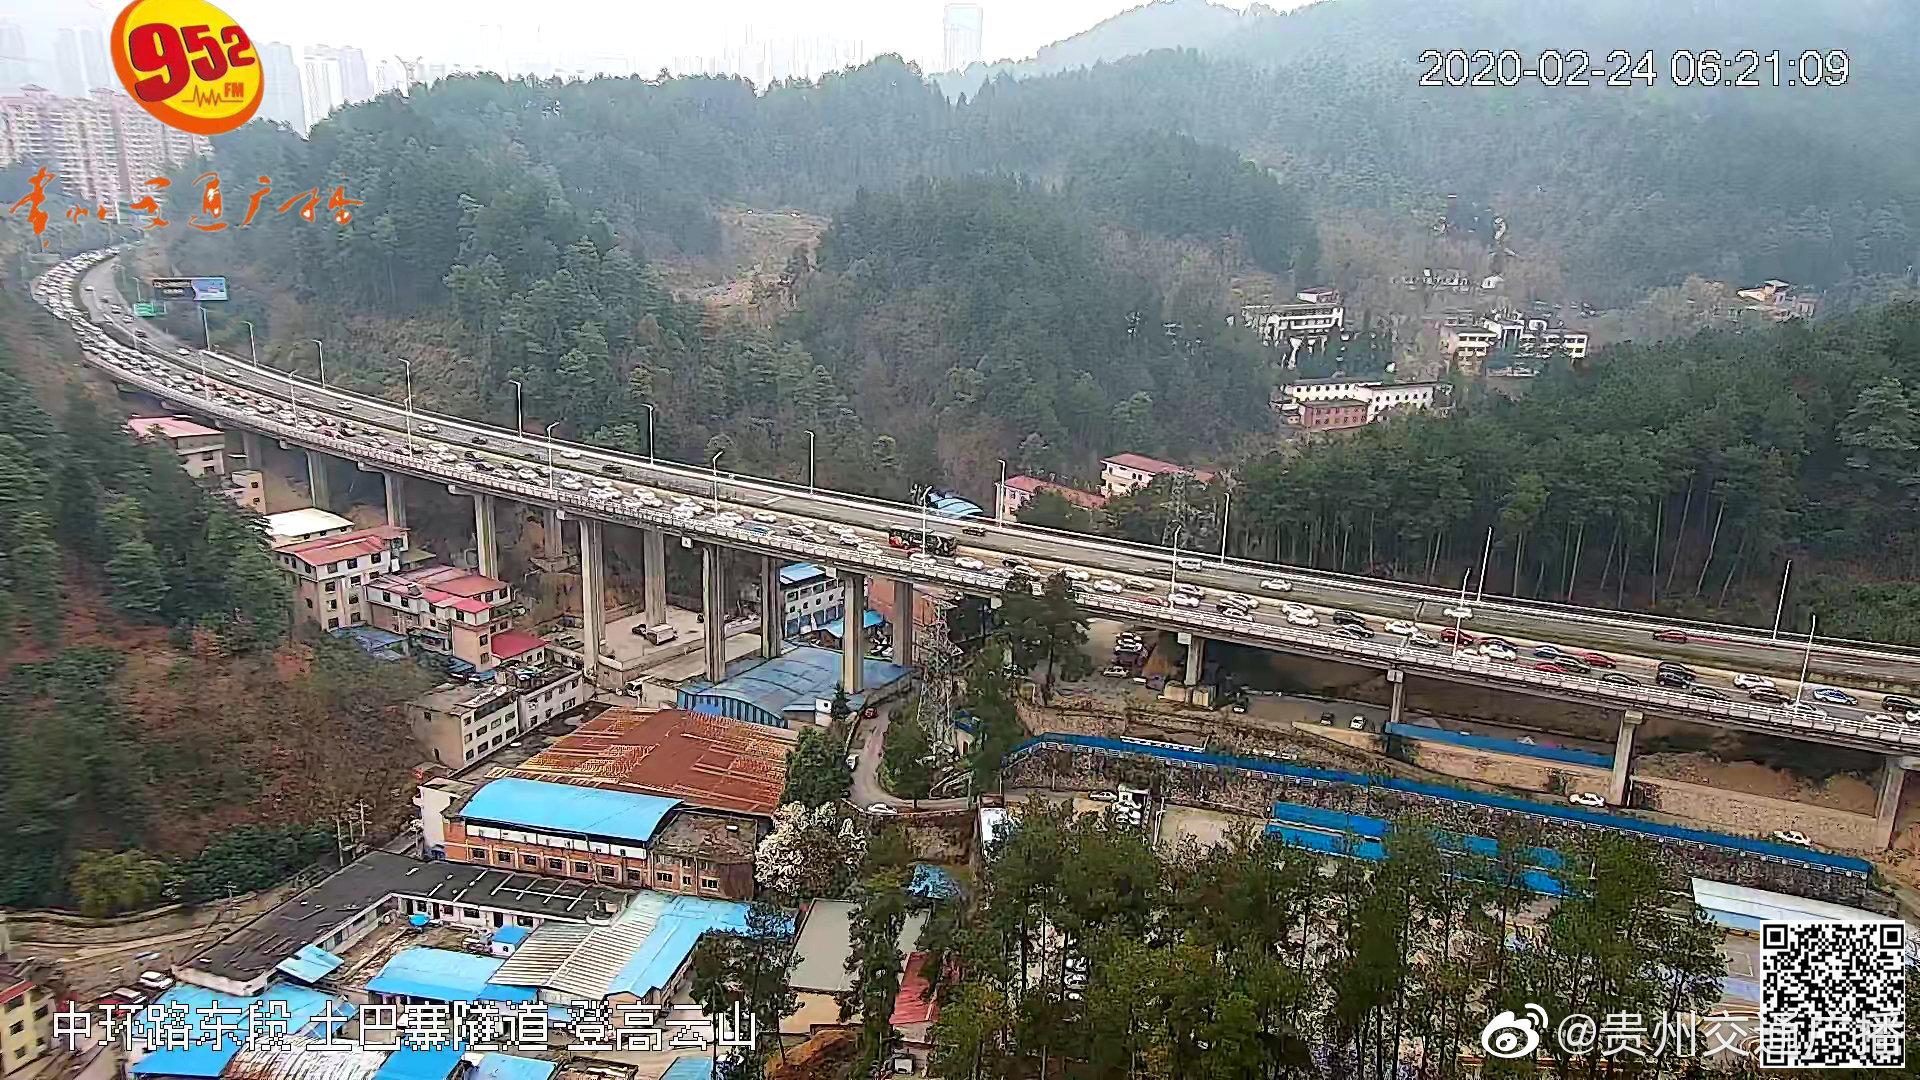 发布2月24日早间路况:中环路东段,登高云山往土巴寨隧道车多缓行